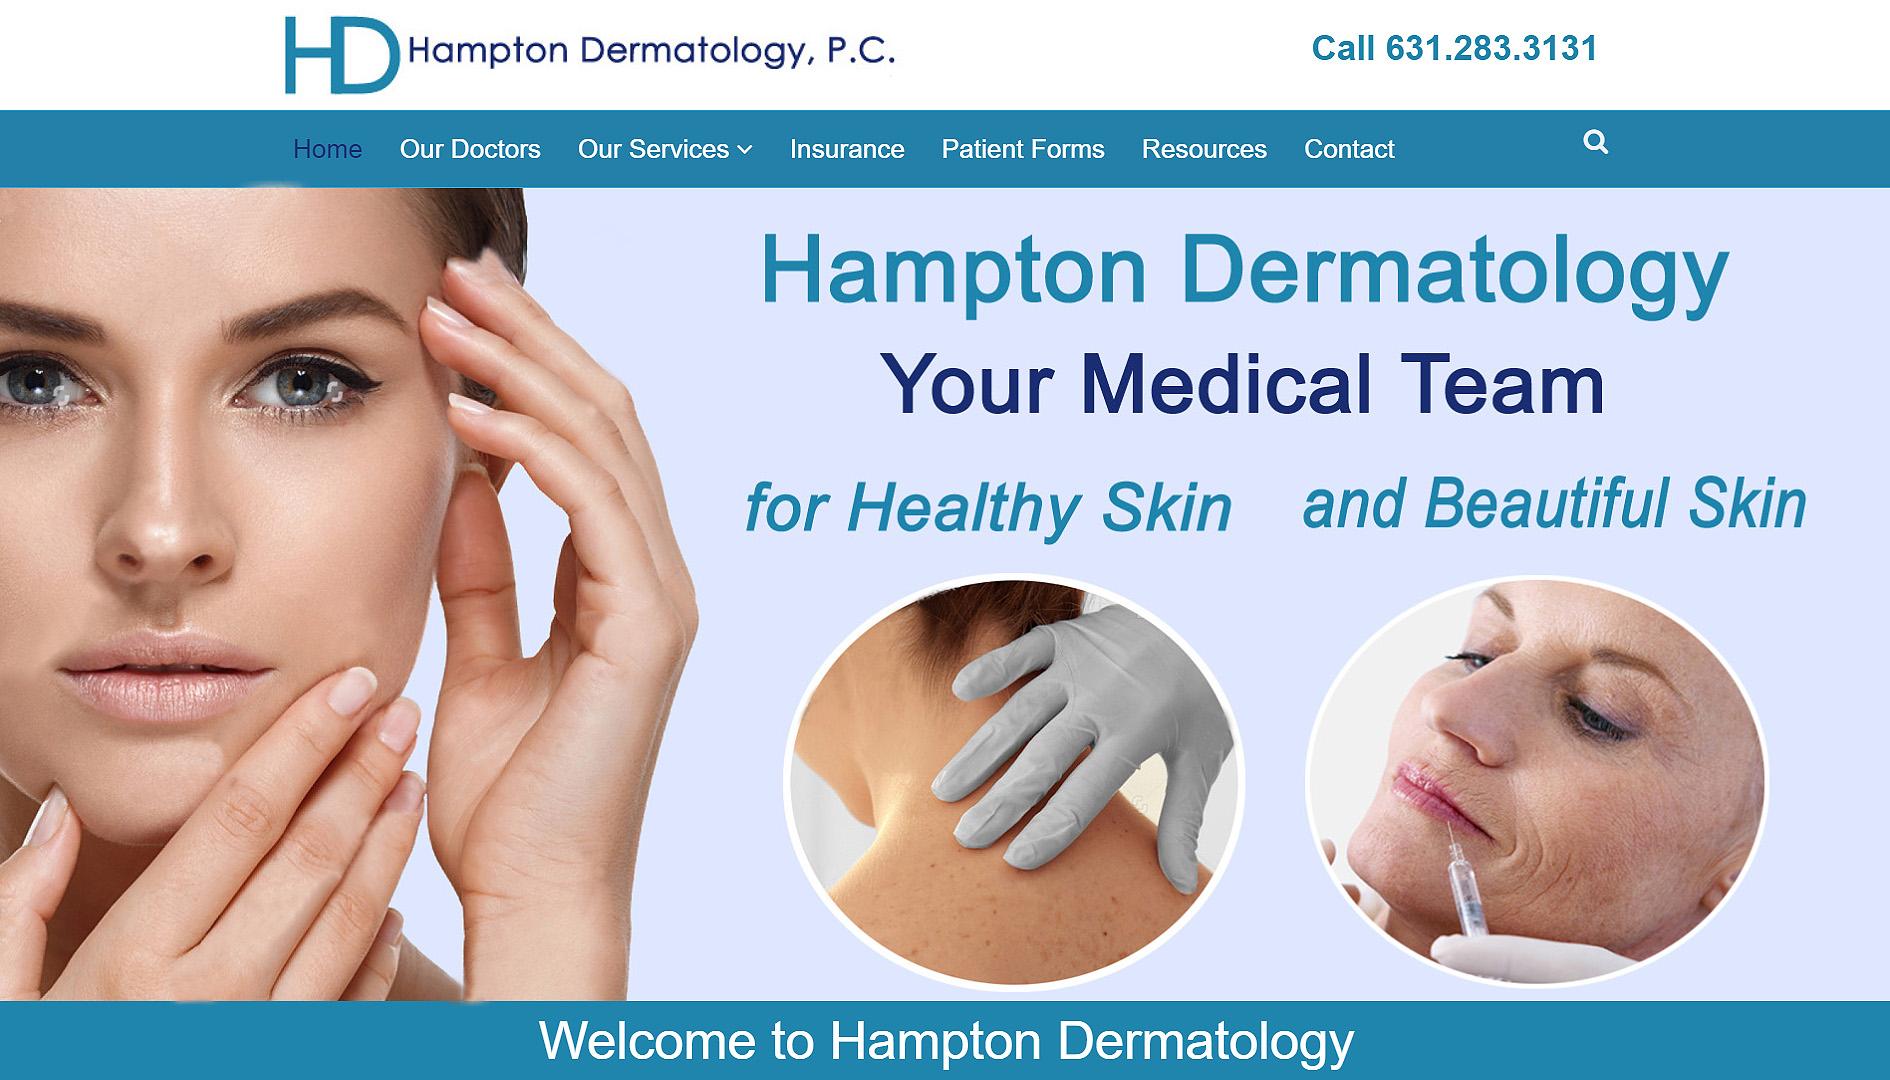 hampton_dermatology